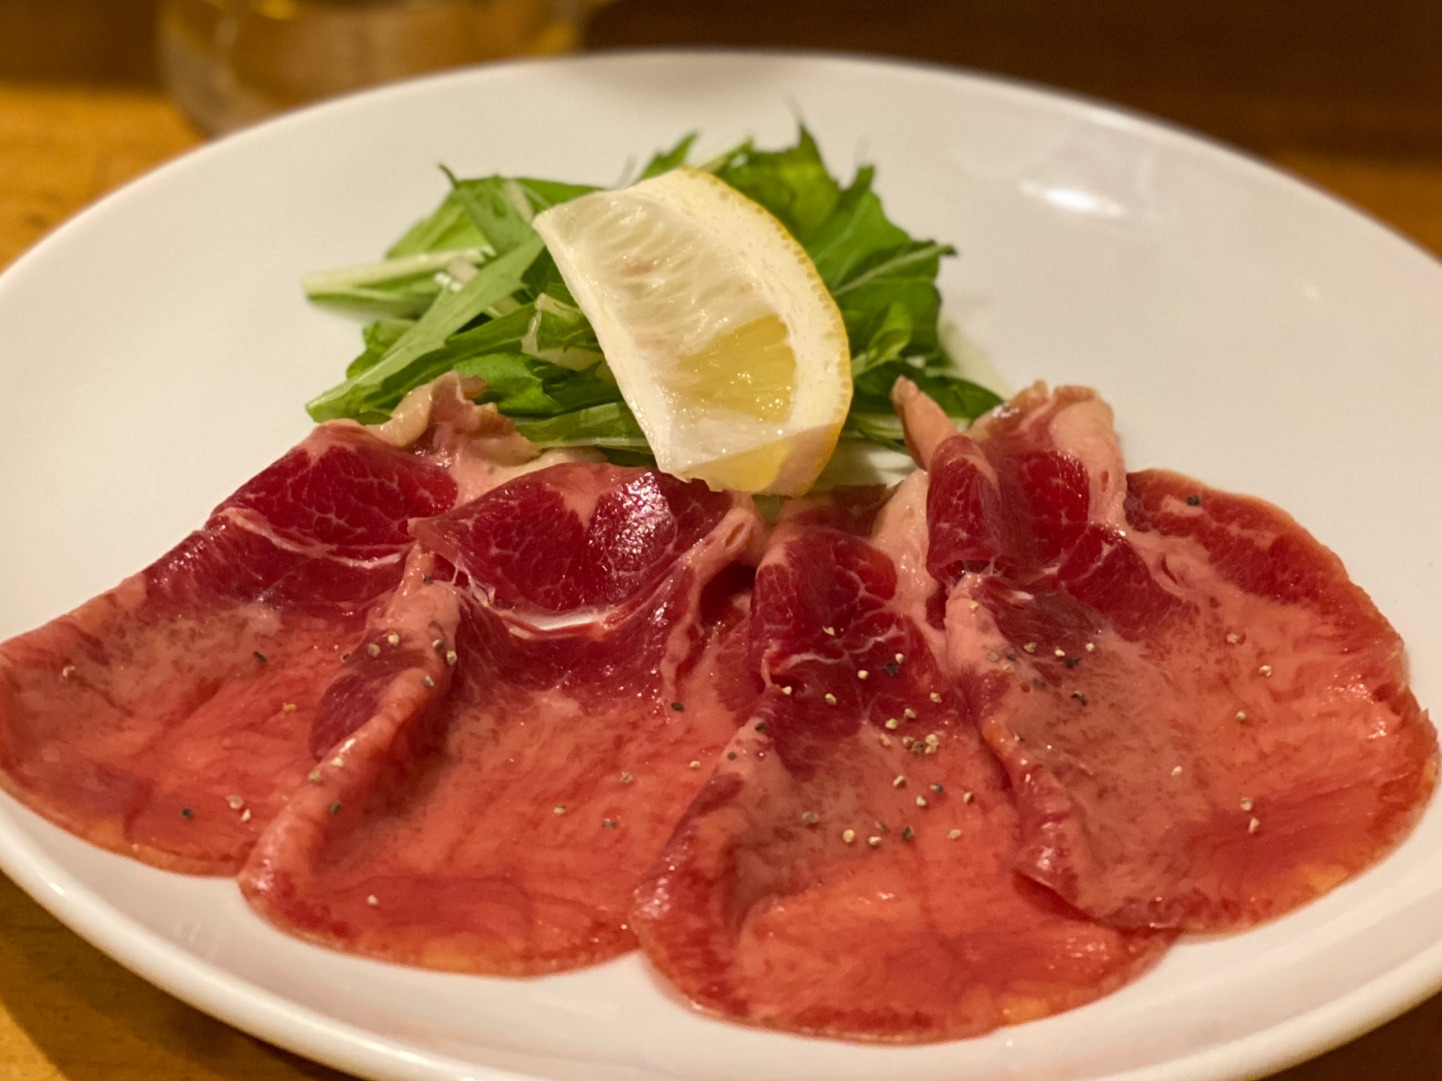 【プチ旅行】仙台の牛タンが美味しすぎる...日本三景《松島》で食べ歩きの旅❤︎_2